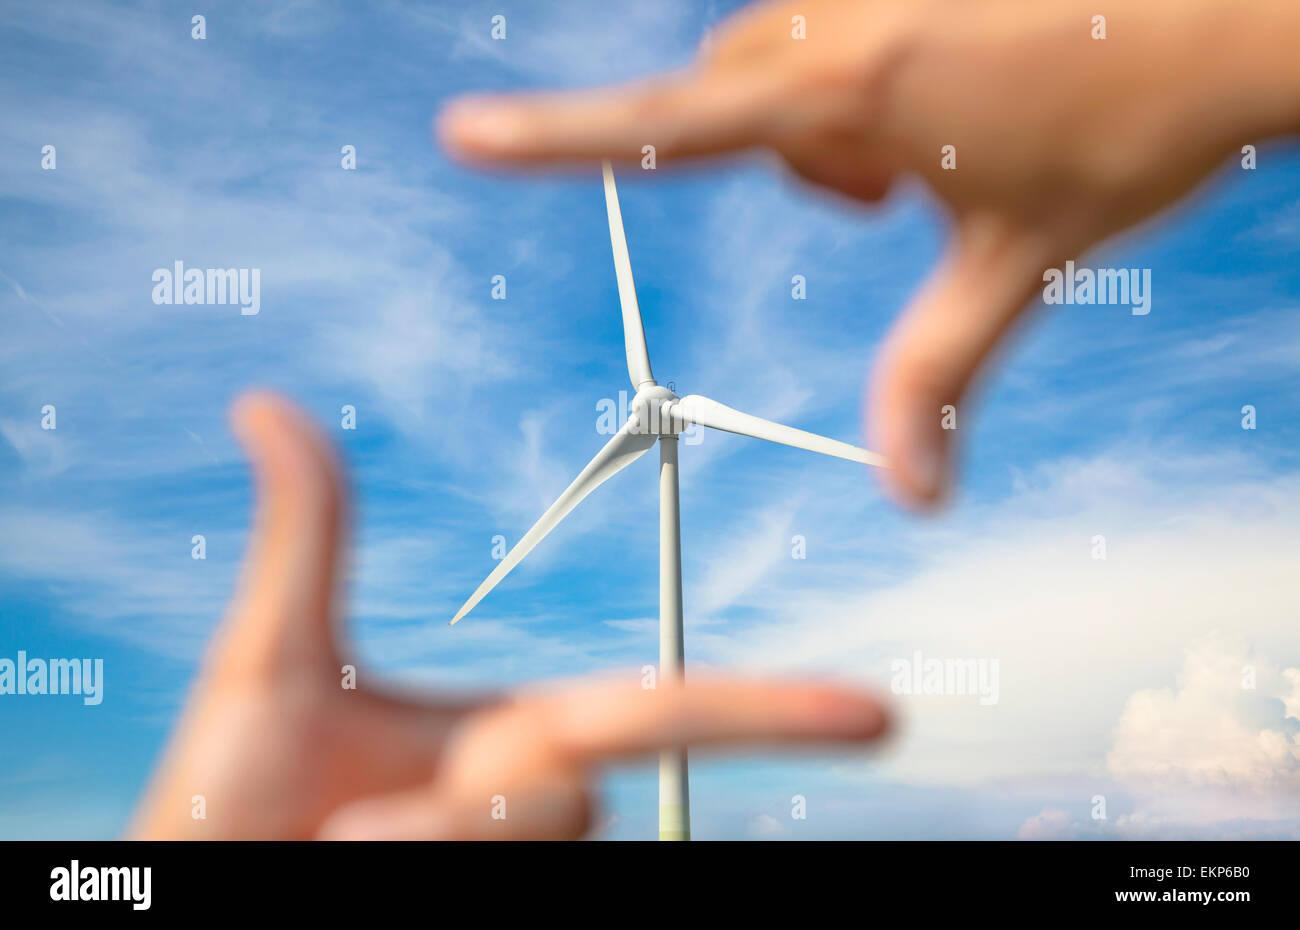 Mirando el molino de viento generador de energía con bastidor de mano Imagen De Stock